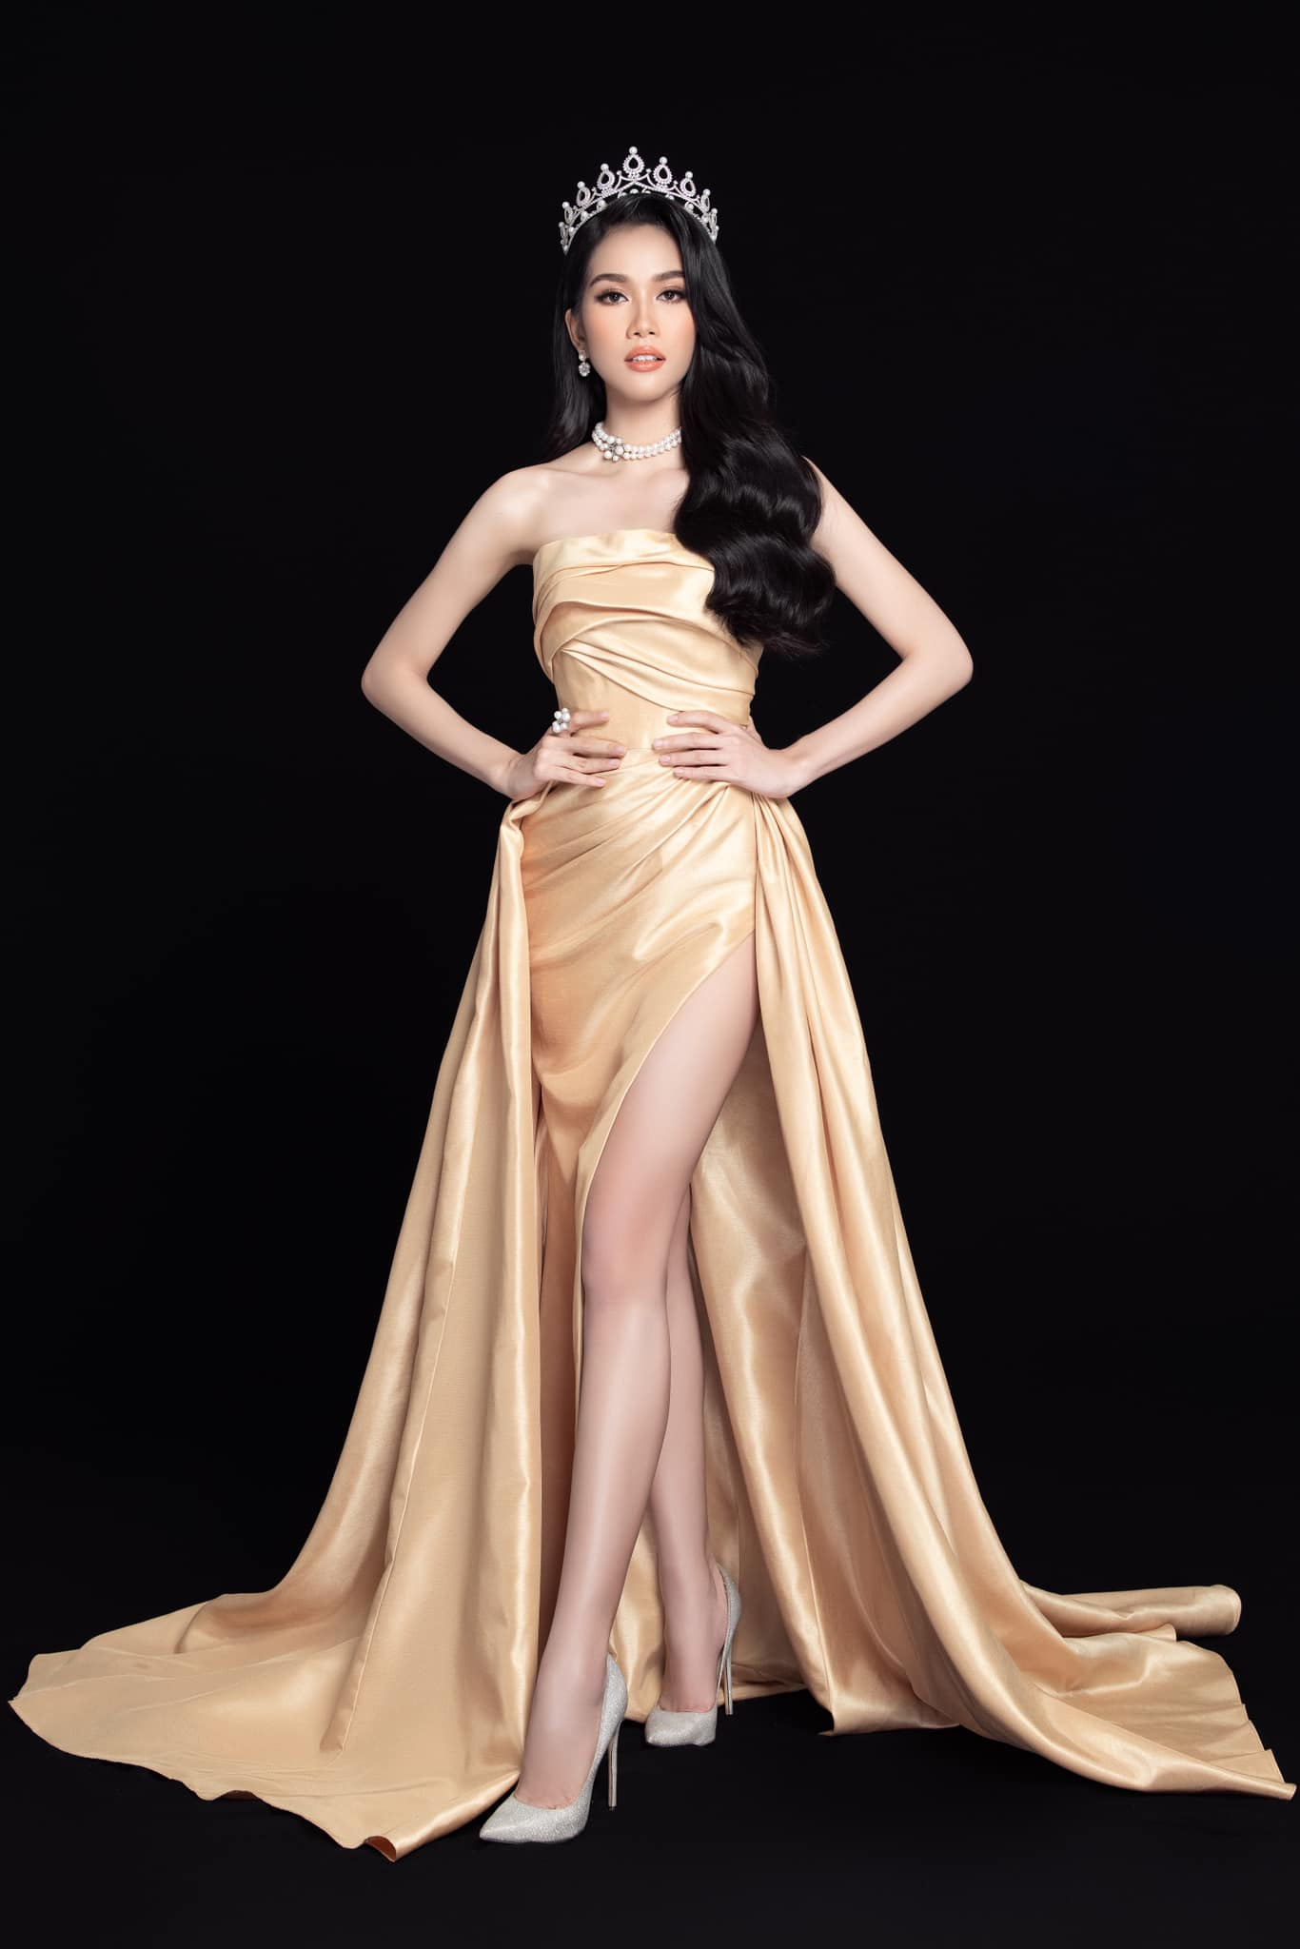 Gu thời trang 'thăng hạng' đầy gợi cảm của Á hậu Phương Anh sau 1 tháng nhận danh hiệu ảnh 1